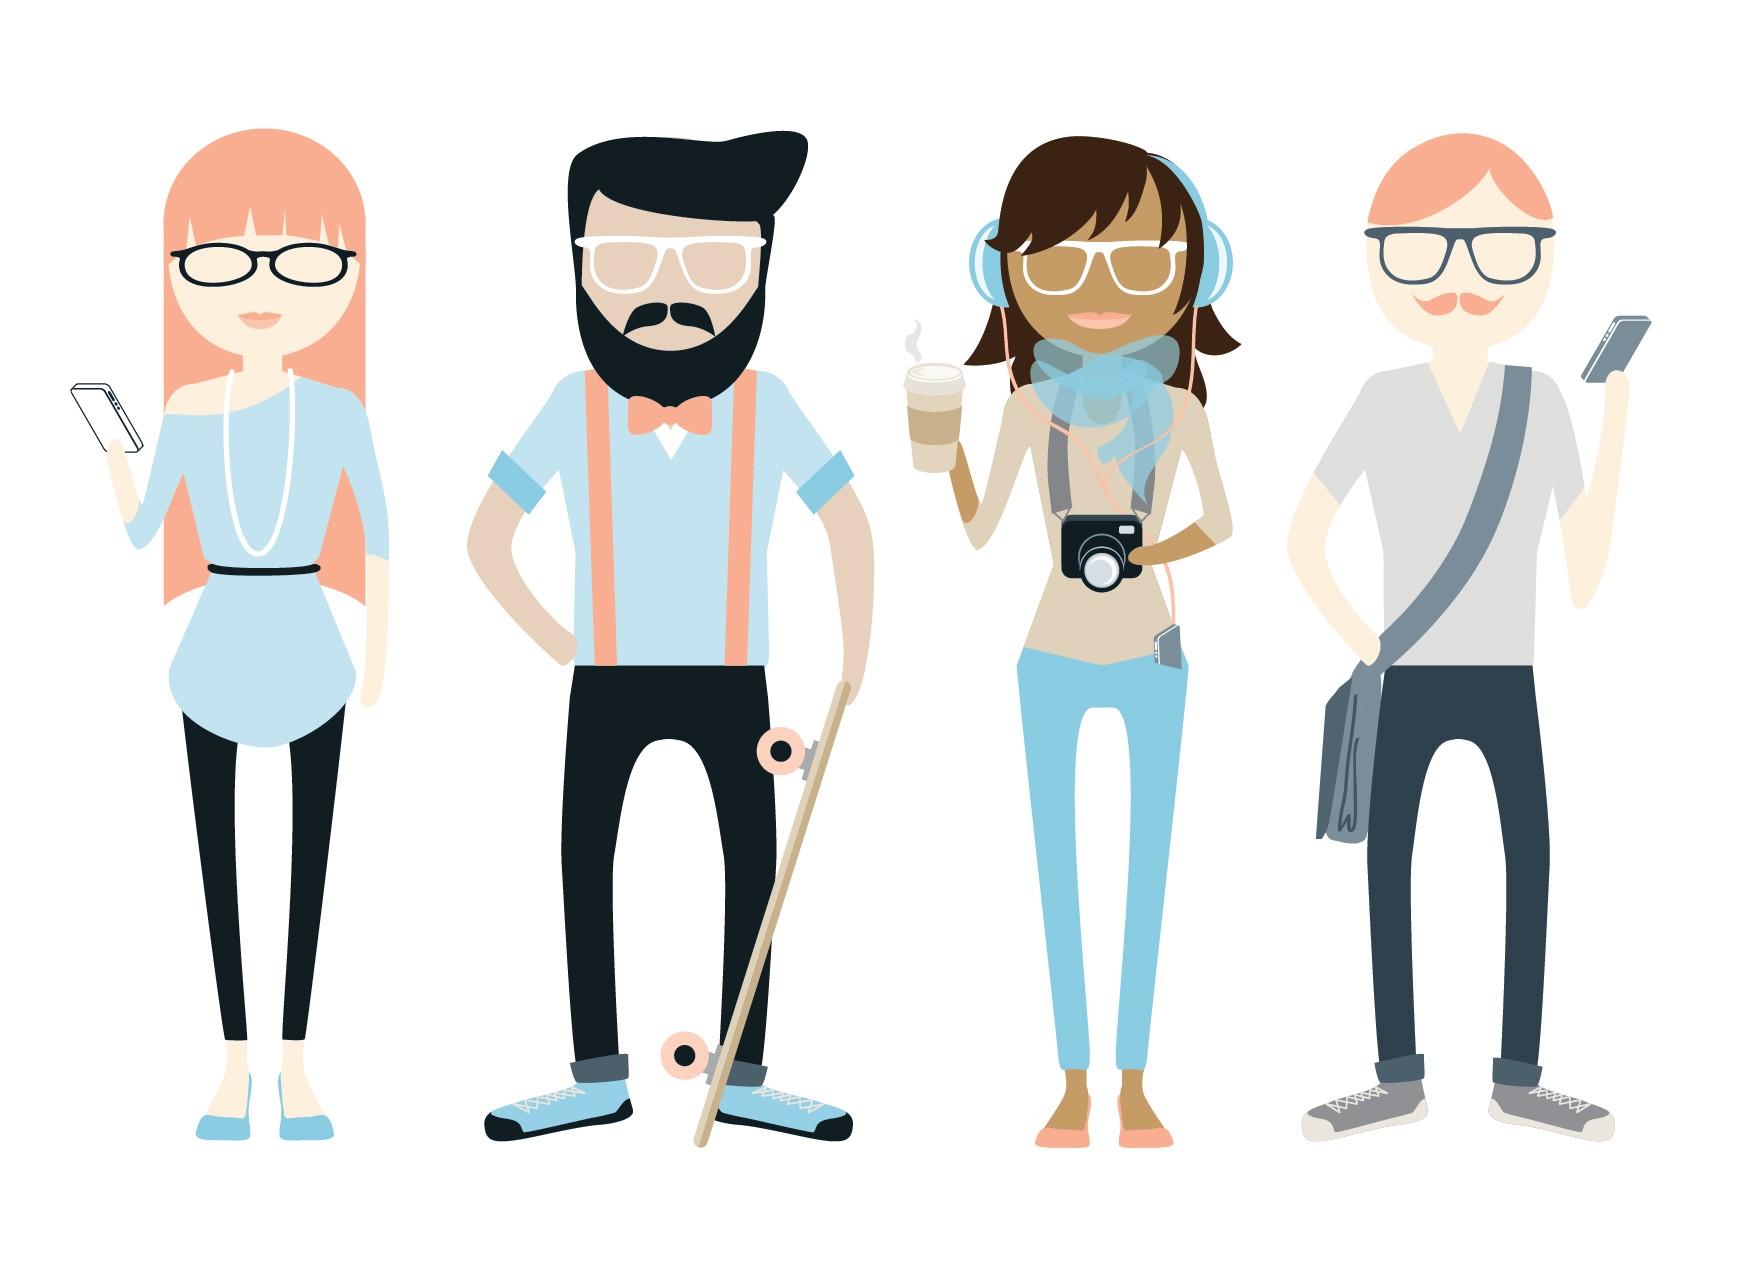 Thế hệ Millennials là gi? Hành động buôn bán của họ ra sao?